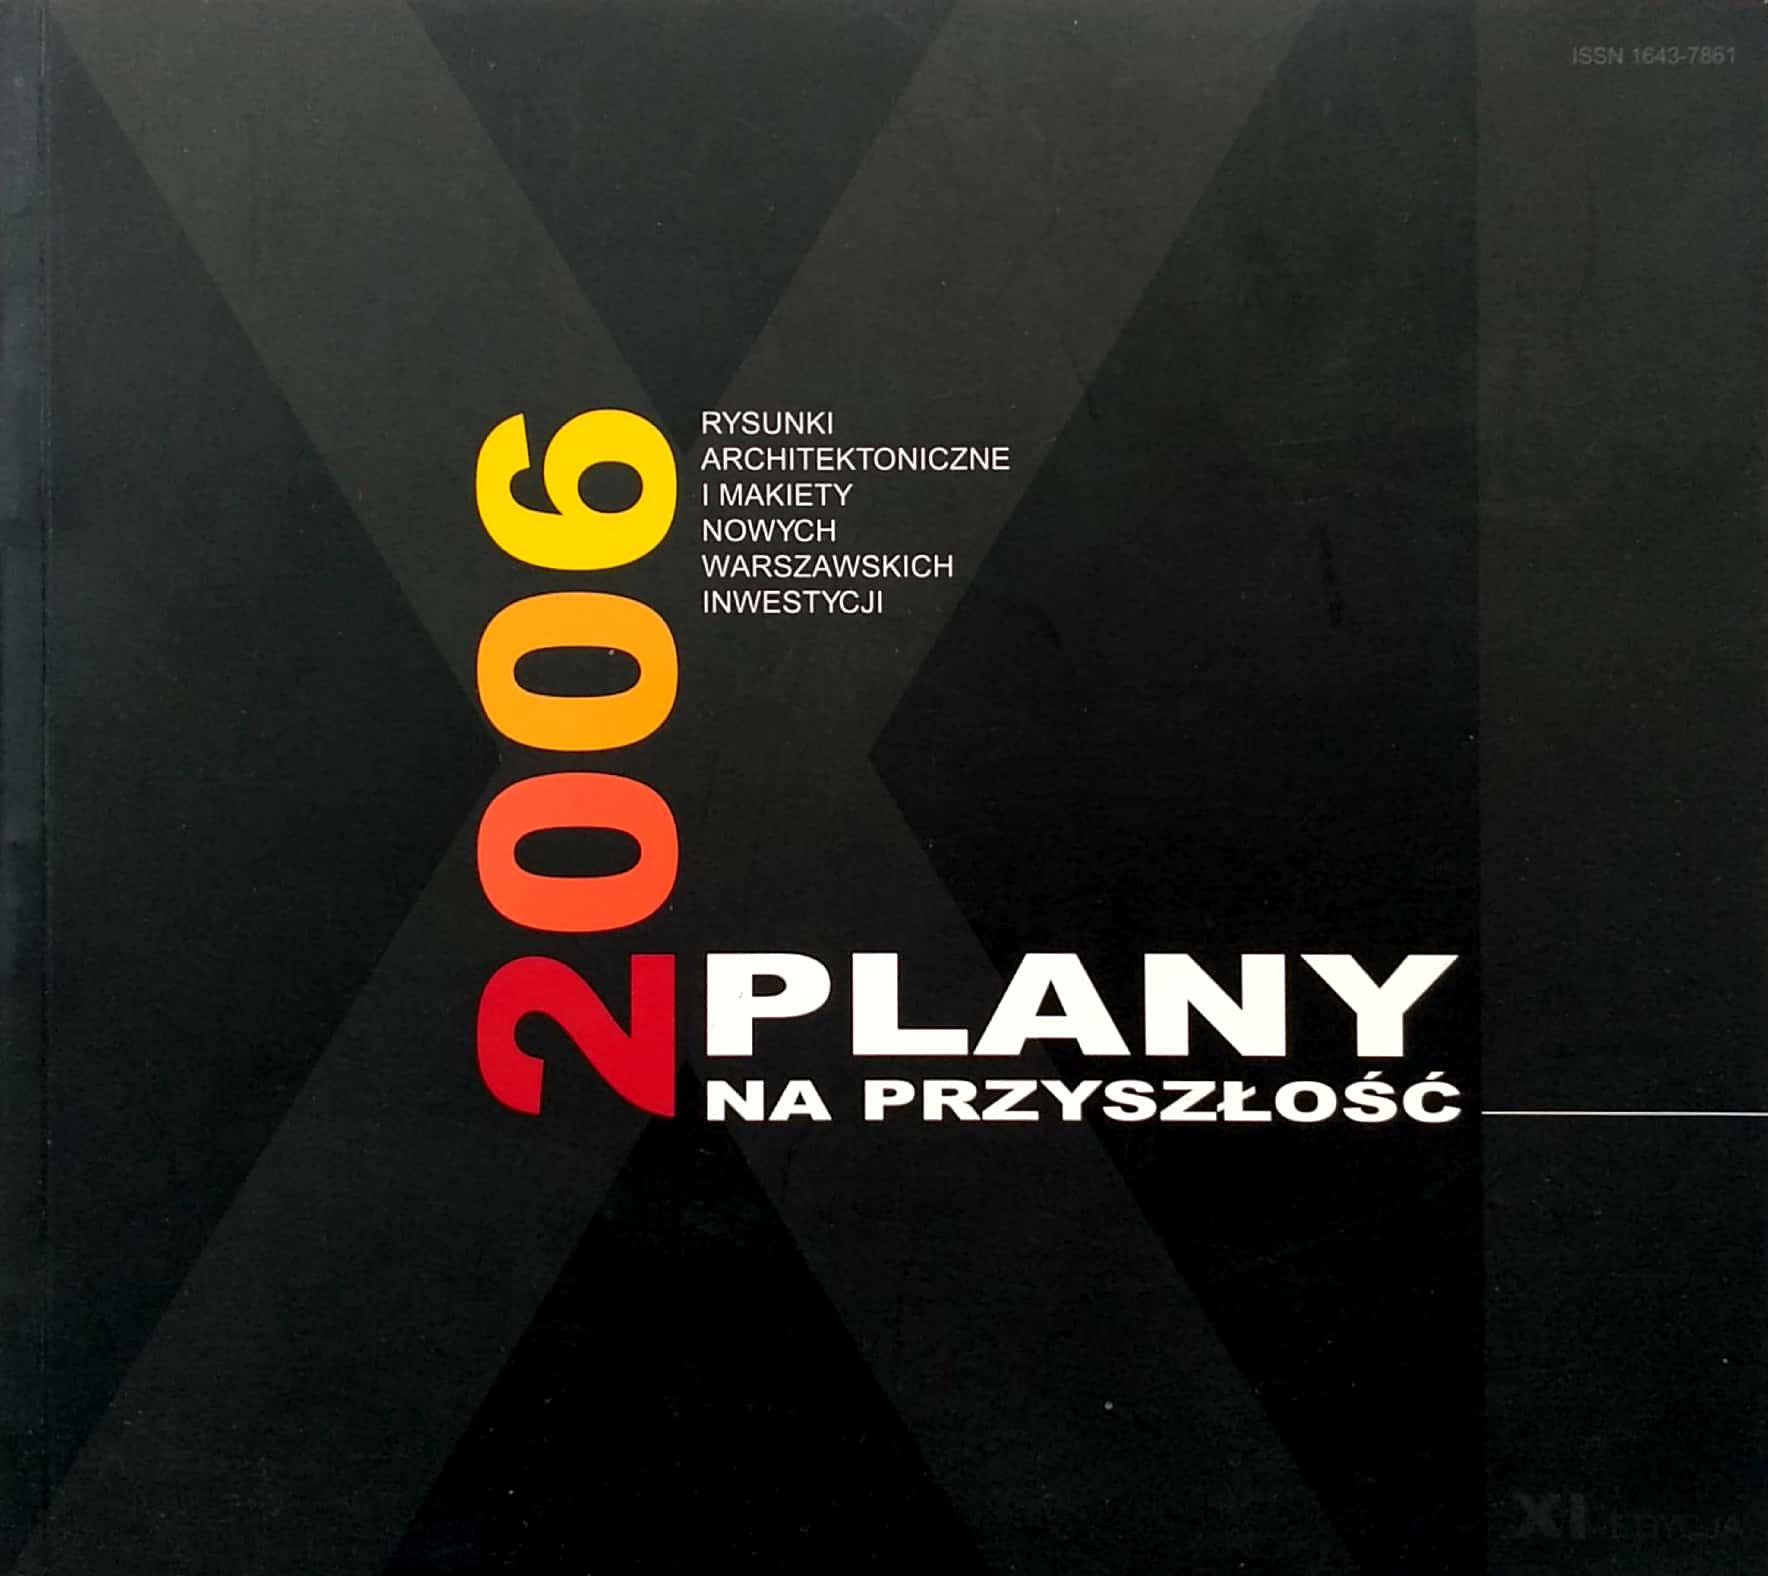 plany na przyszłość 2006